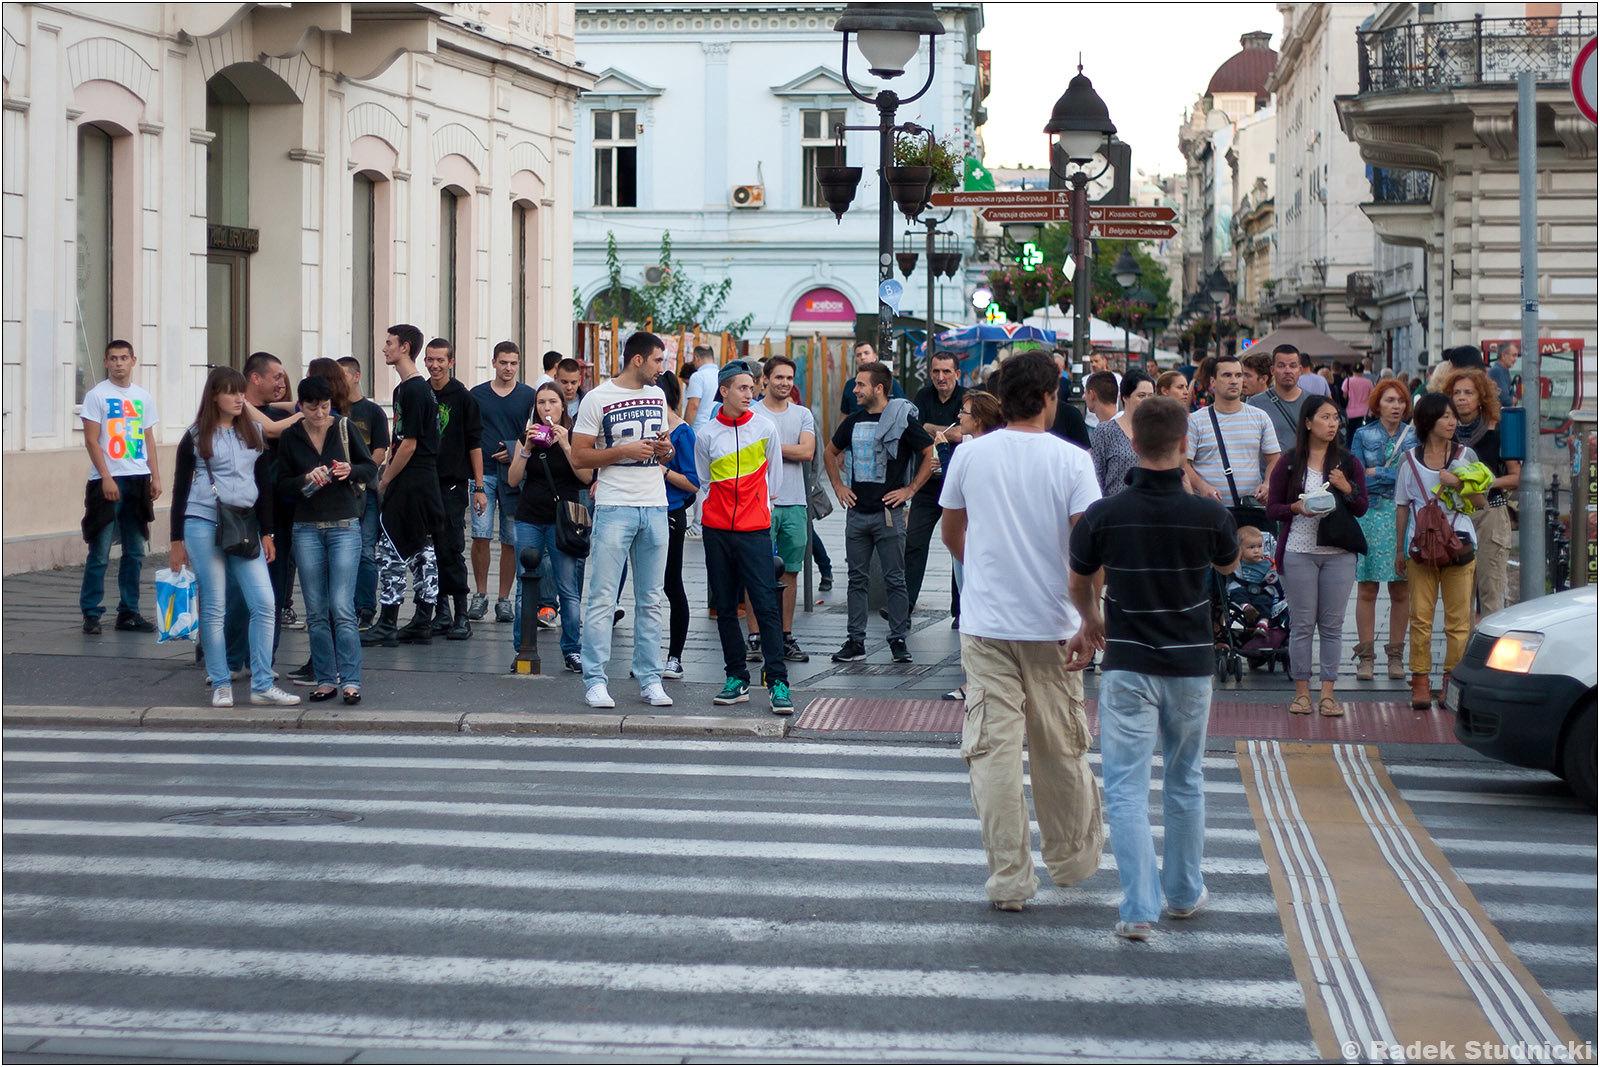 Przechodnie na ulicy Knaza Mihaila